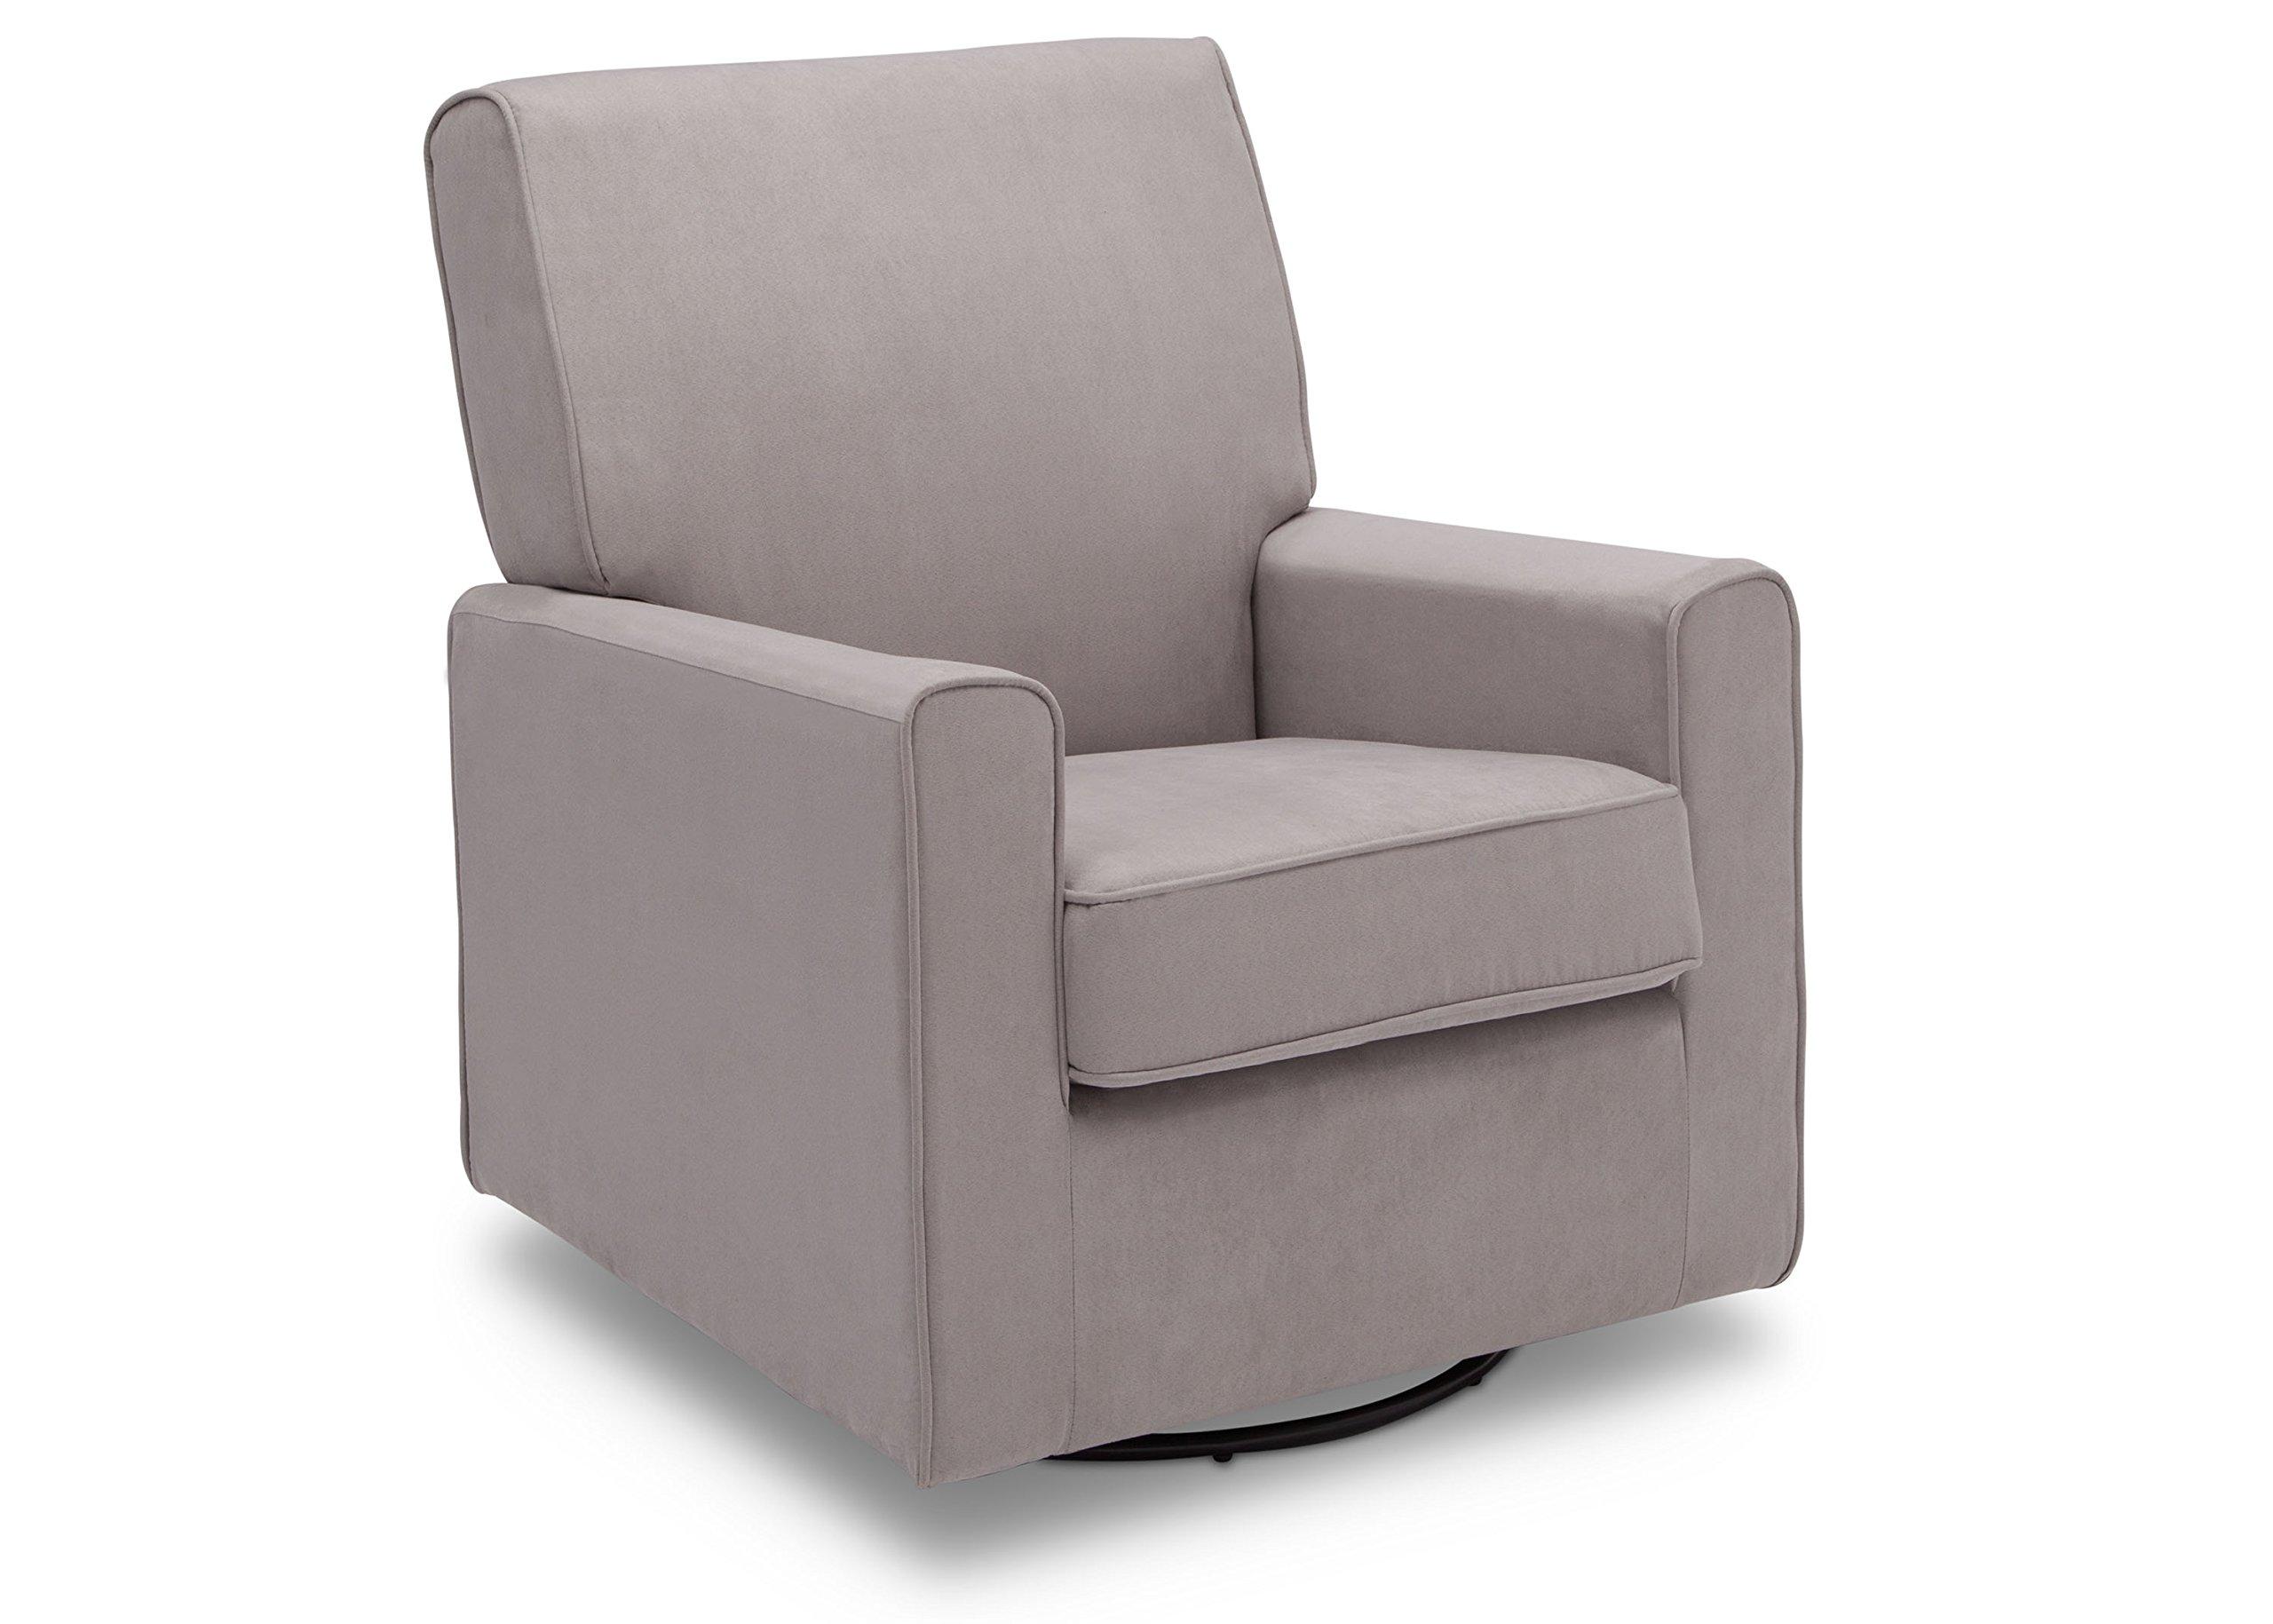 Delta Furniture Ava Upholstered Glider Swivel Rocker Chair, Dove Grey